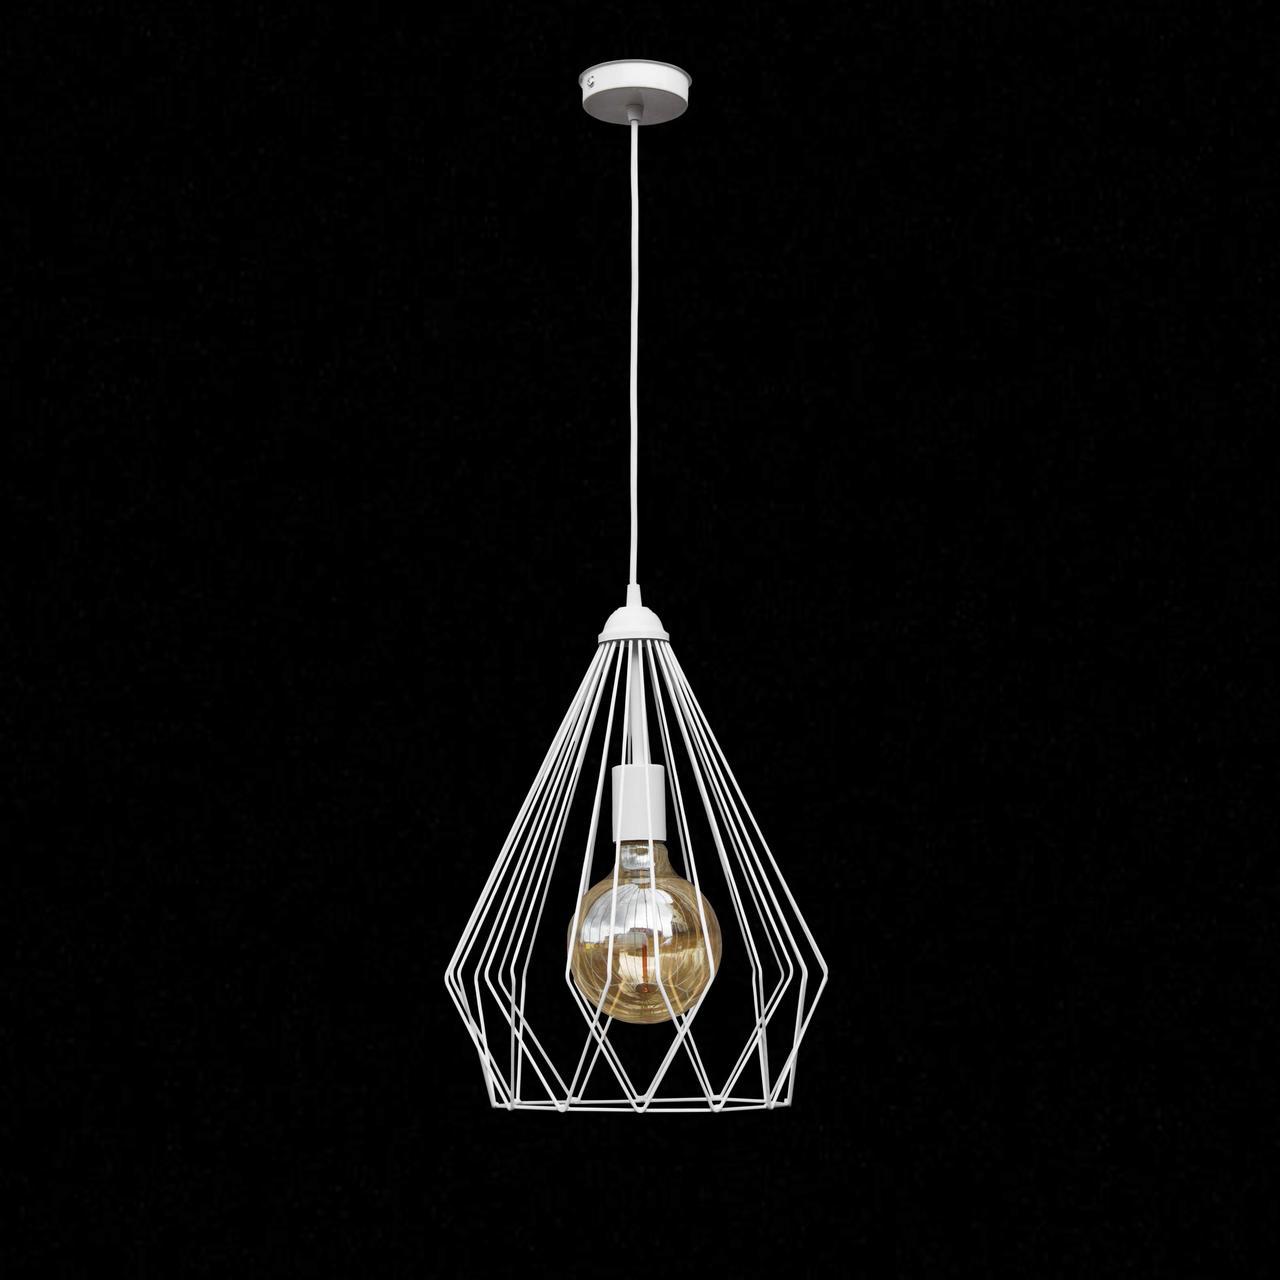 Светильник подвесной в стиле лофт NL 430 WH